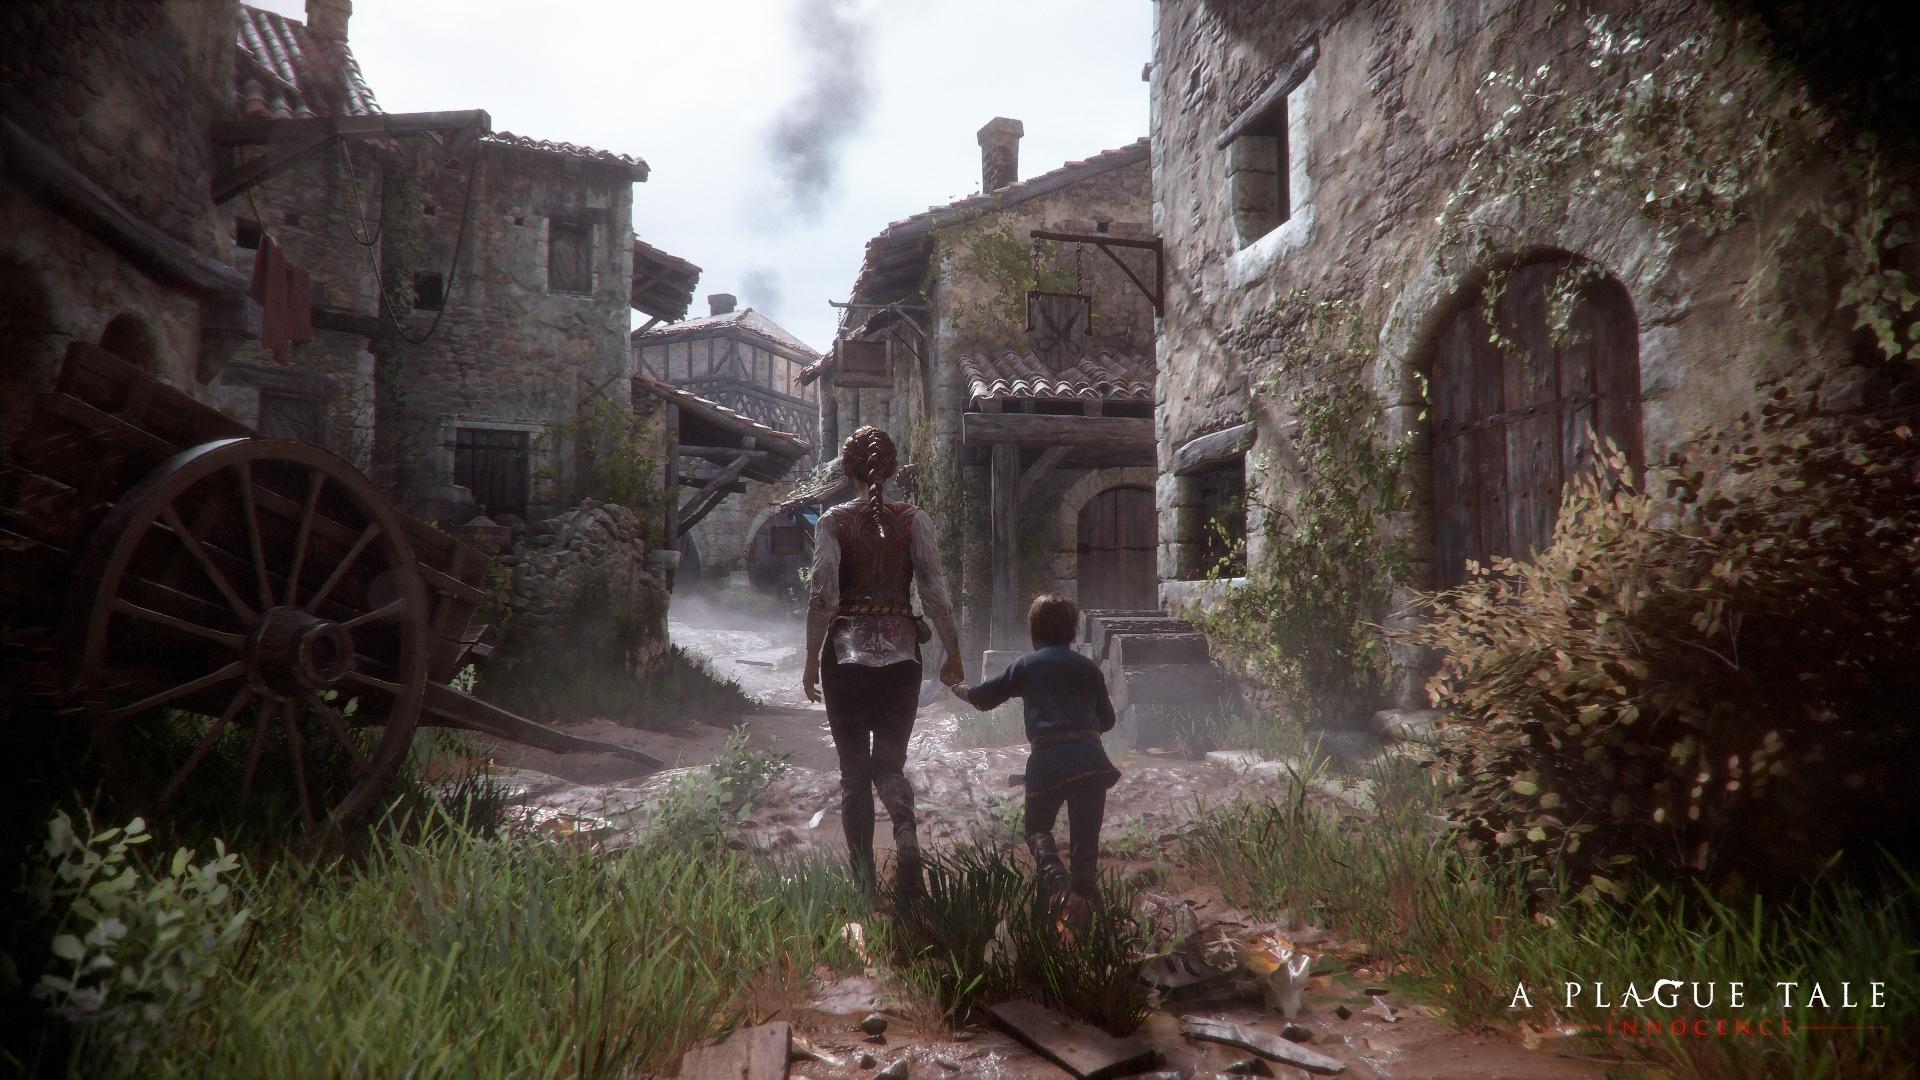 Свежие скриншоты A Plague Tale: Innocence. Выход игры состо